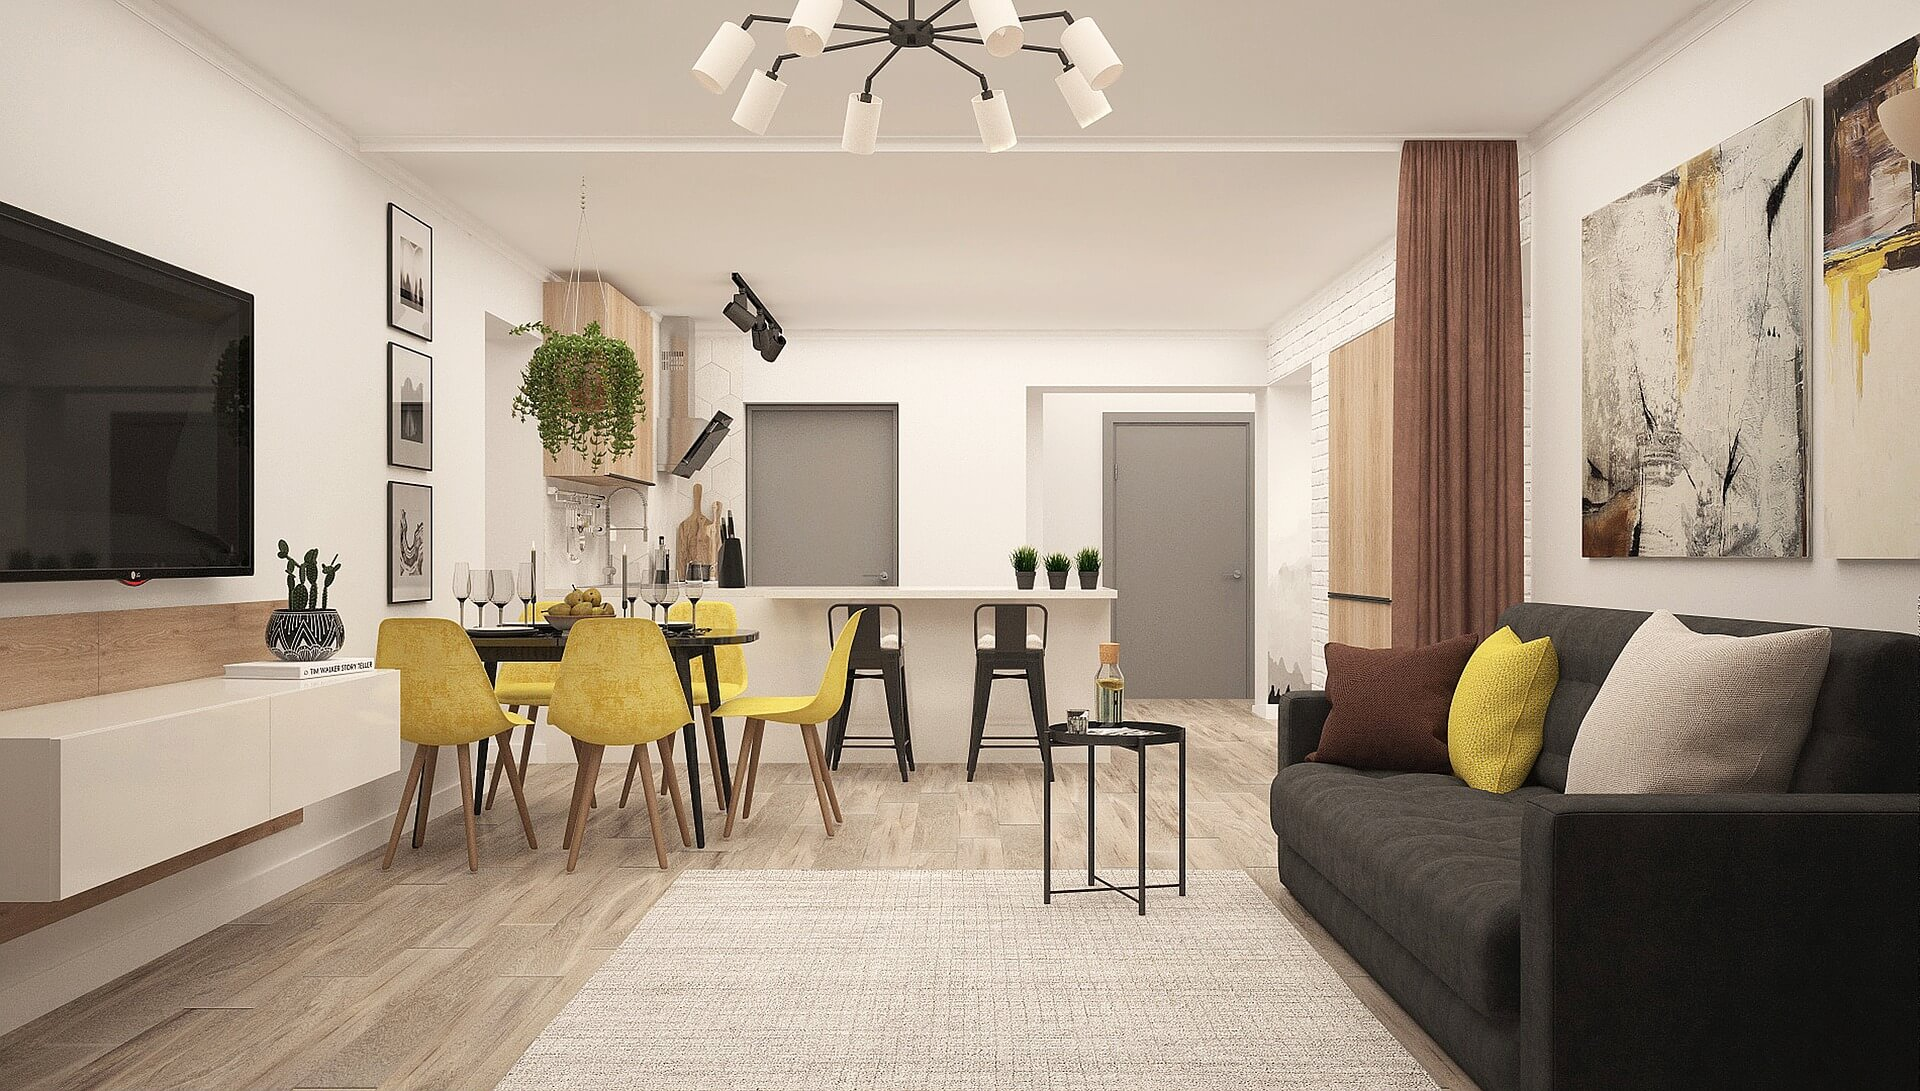 Első otthonotokat keresitek? Mutatunk néhány fiatalos modern új lakást!